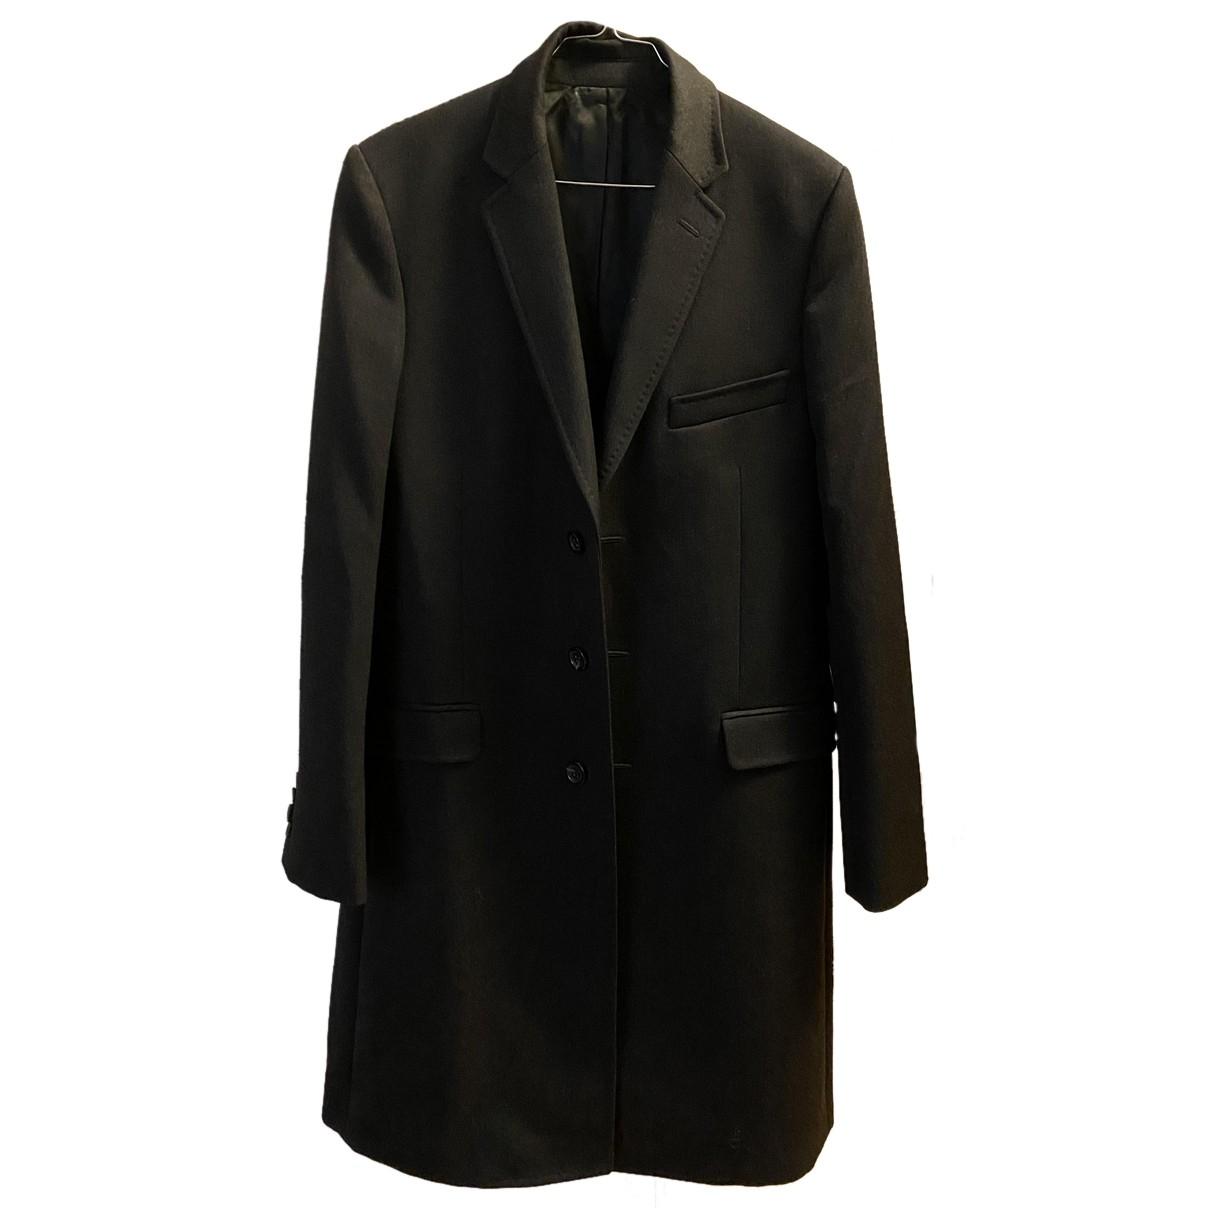 Dolce & Gabbana - Manteau   pour homme en laine - anthracite